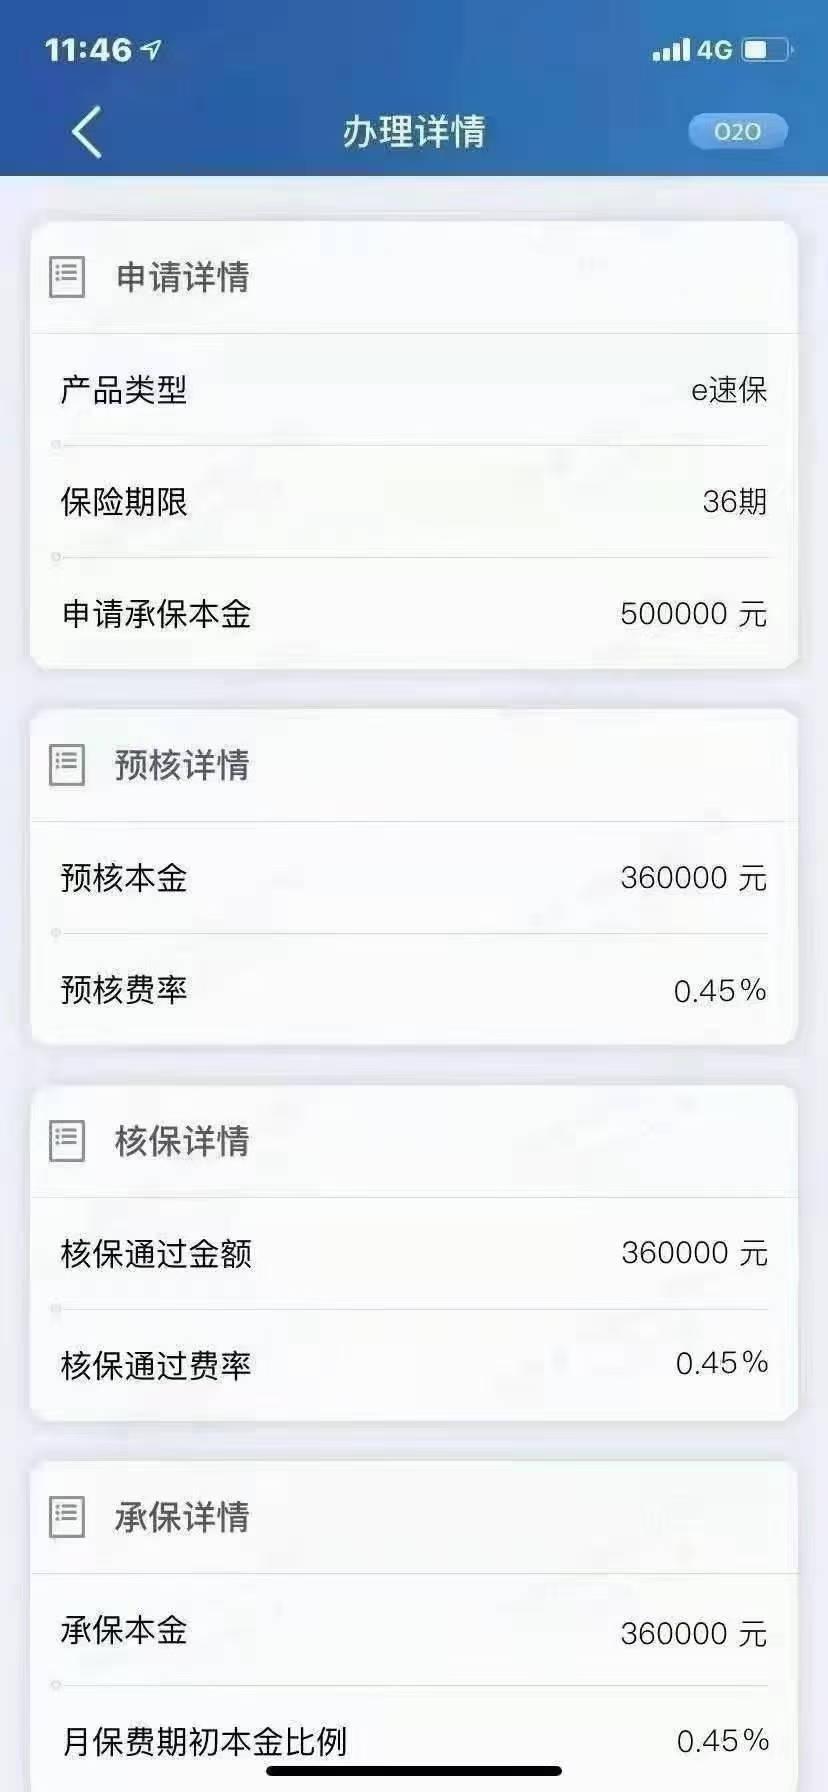 贵阳正规信用贷款年后开工用钱的朋友提前规划